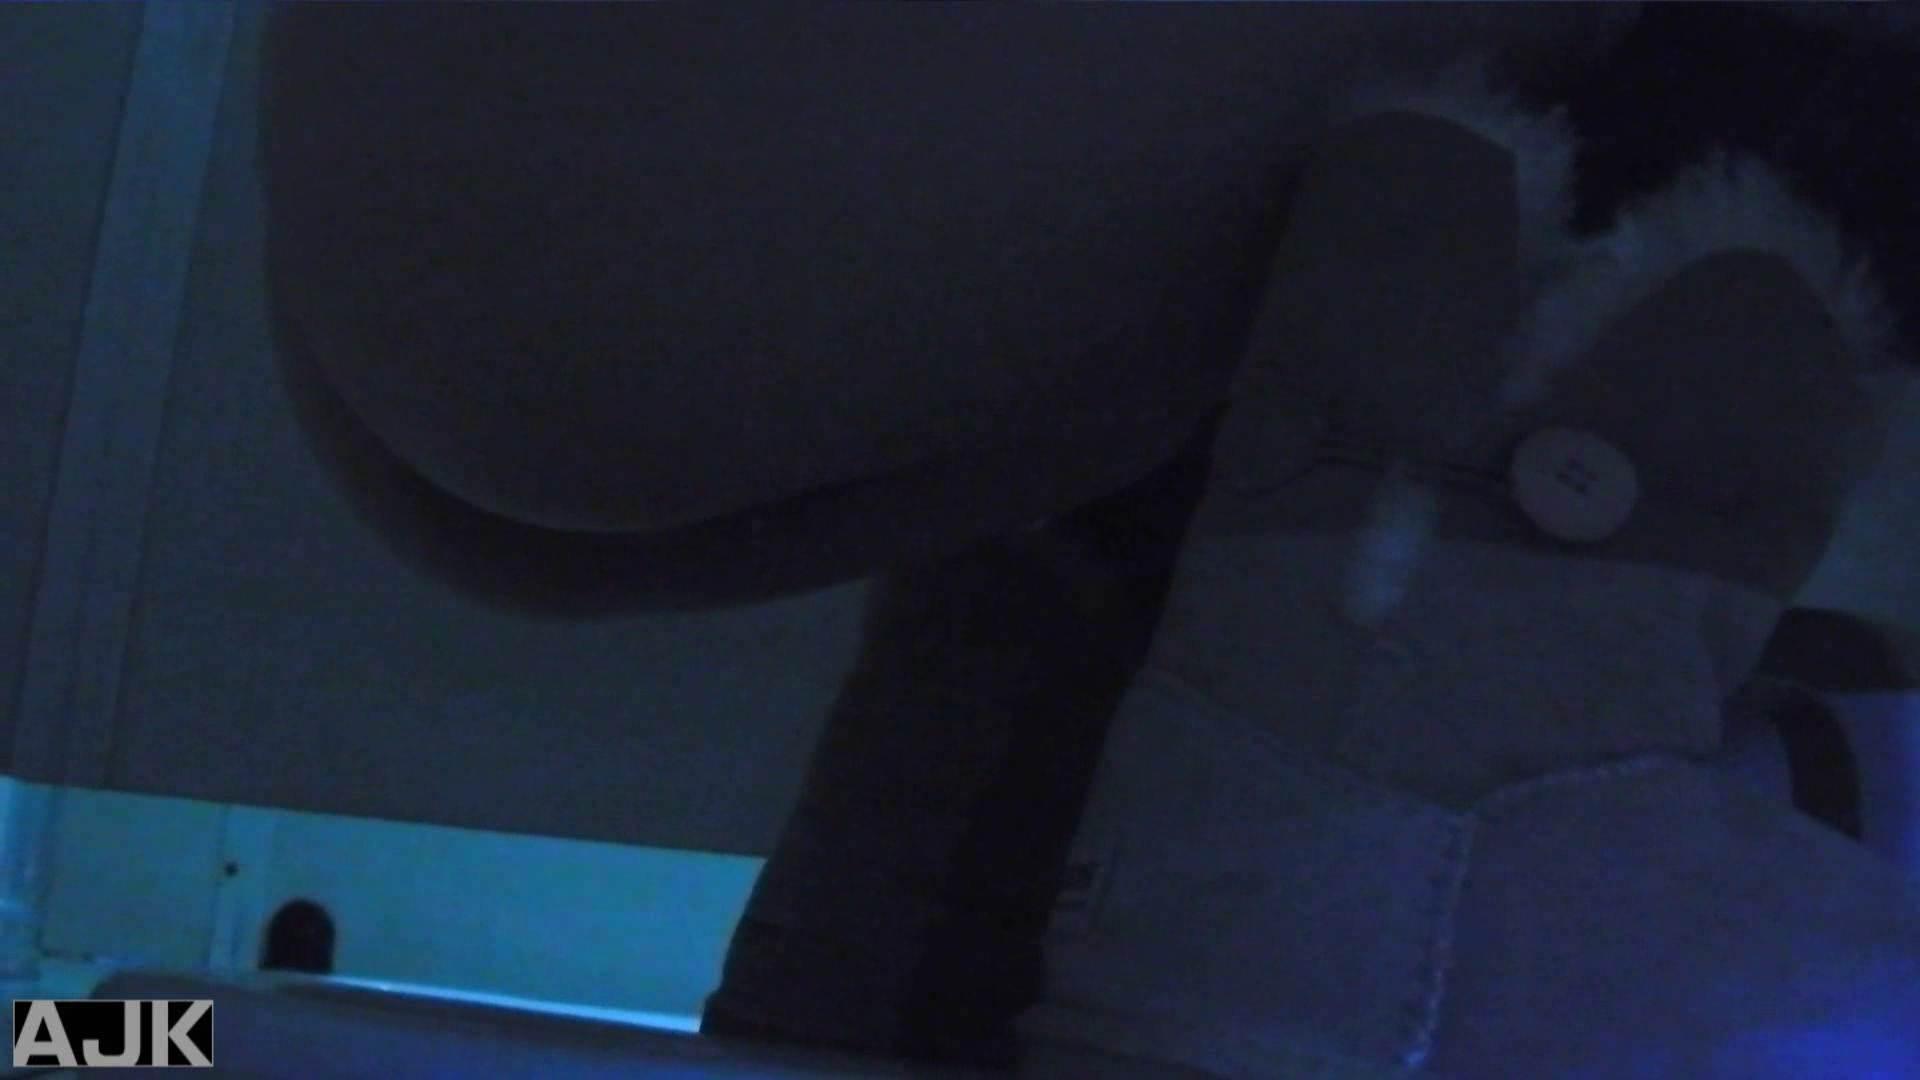 神降臨!史上最強の潜入かわや! vol.05 OLセックス 盗み撮りAV無料動画キャプチャ 81画像 58